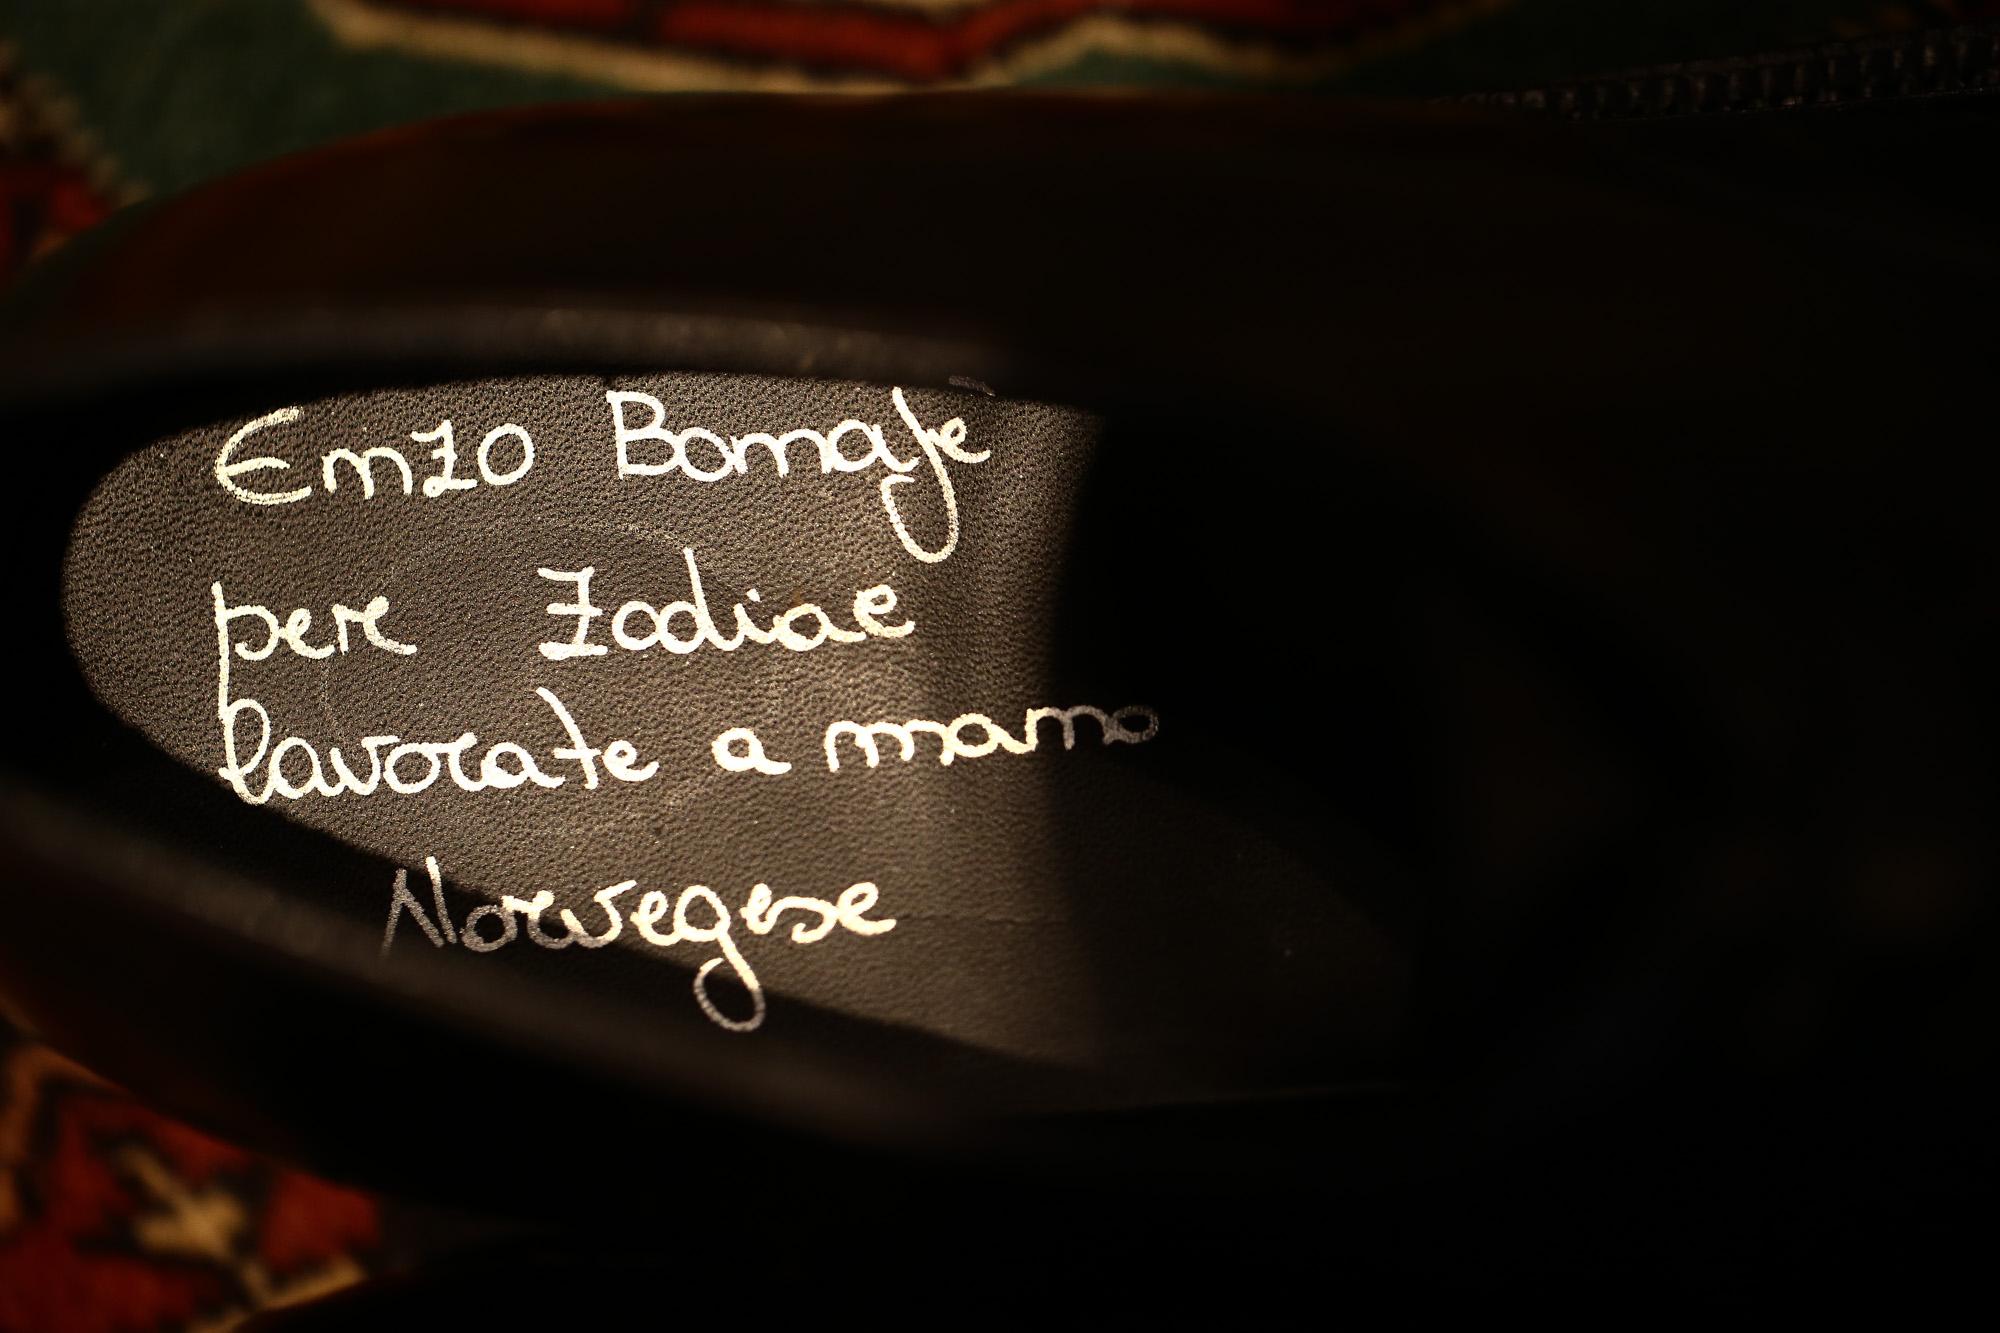 【ENZO BONAFE / エンツォボナフェ】 【3720】Plane Toe Dress Shoes プレーントゥー Horween Shell Cordovan leather ホーウィンシェル コードバンレザー ドレスシューズ NERO(ブラック) made in italy (イタリア製) 2017 秋冬新作 enzobonafe エンツォボナフェ 愛知 名古屋 ZODIAC ゾディアック 5.5,6,6.5,7,7.5,8,8.5,9,9.5